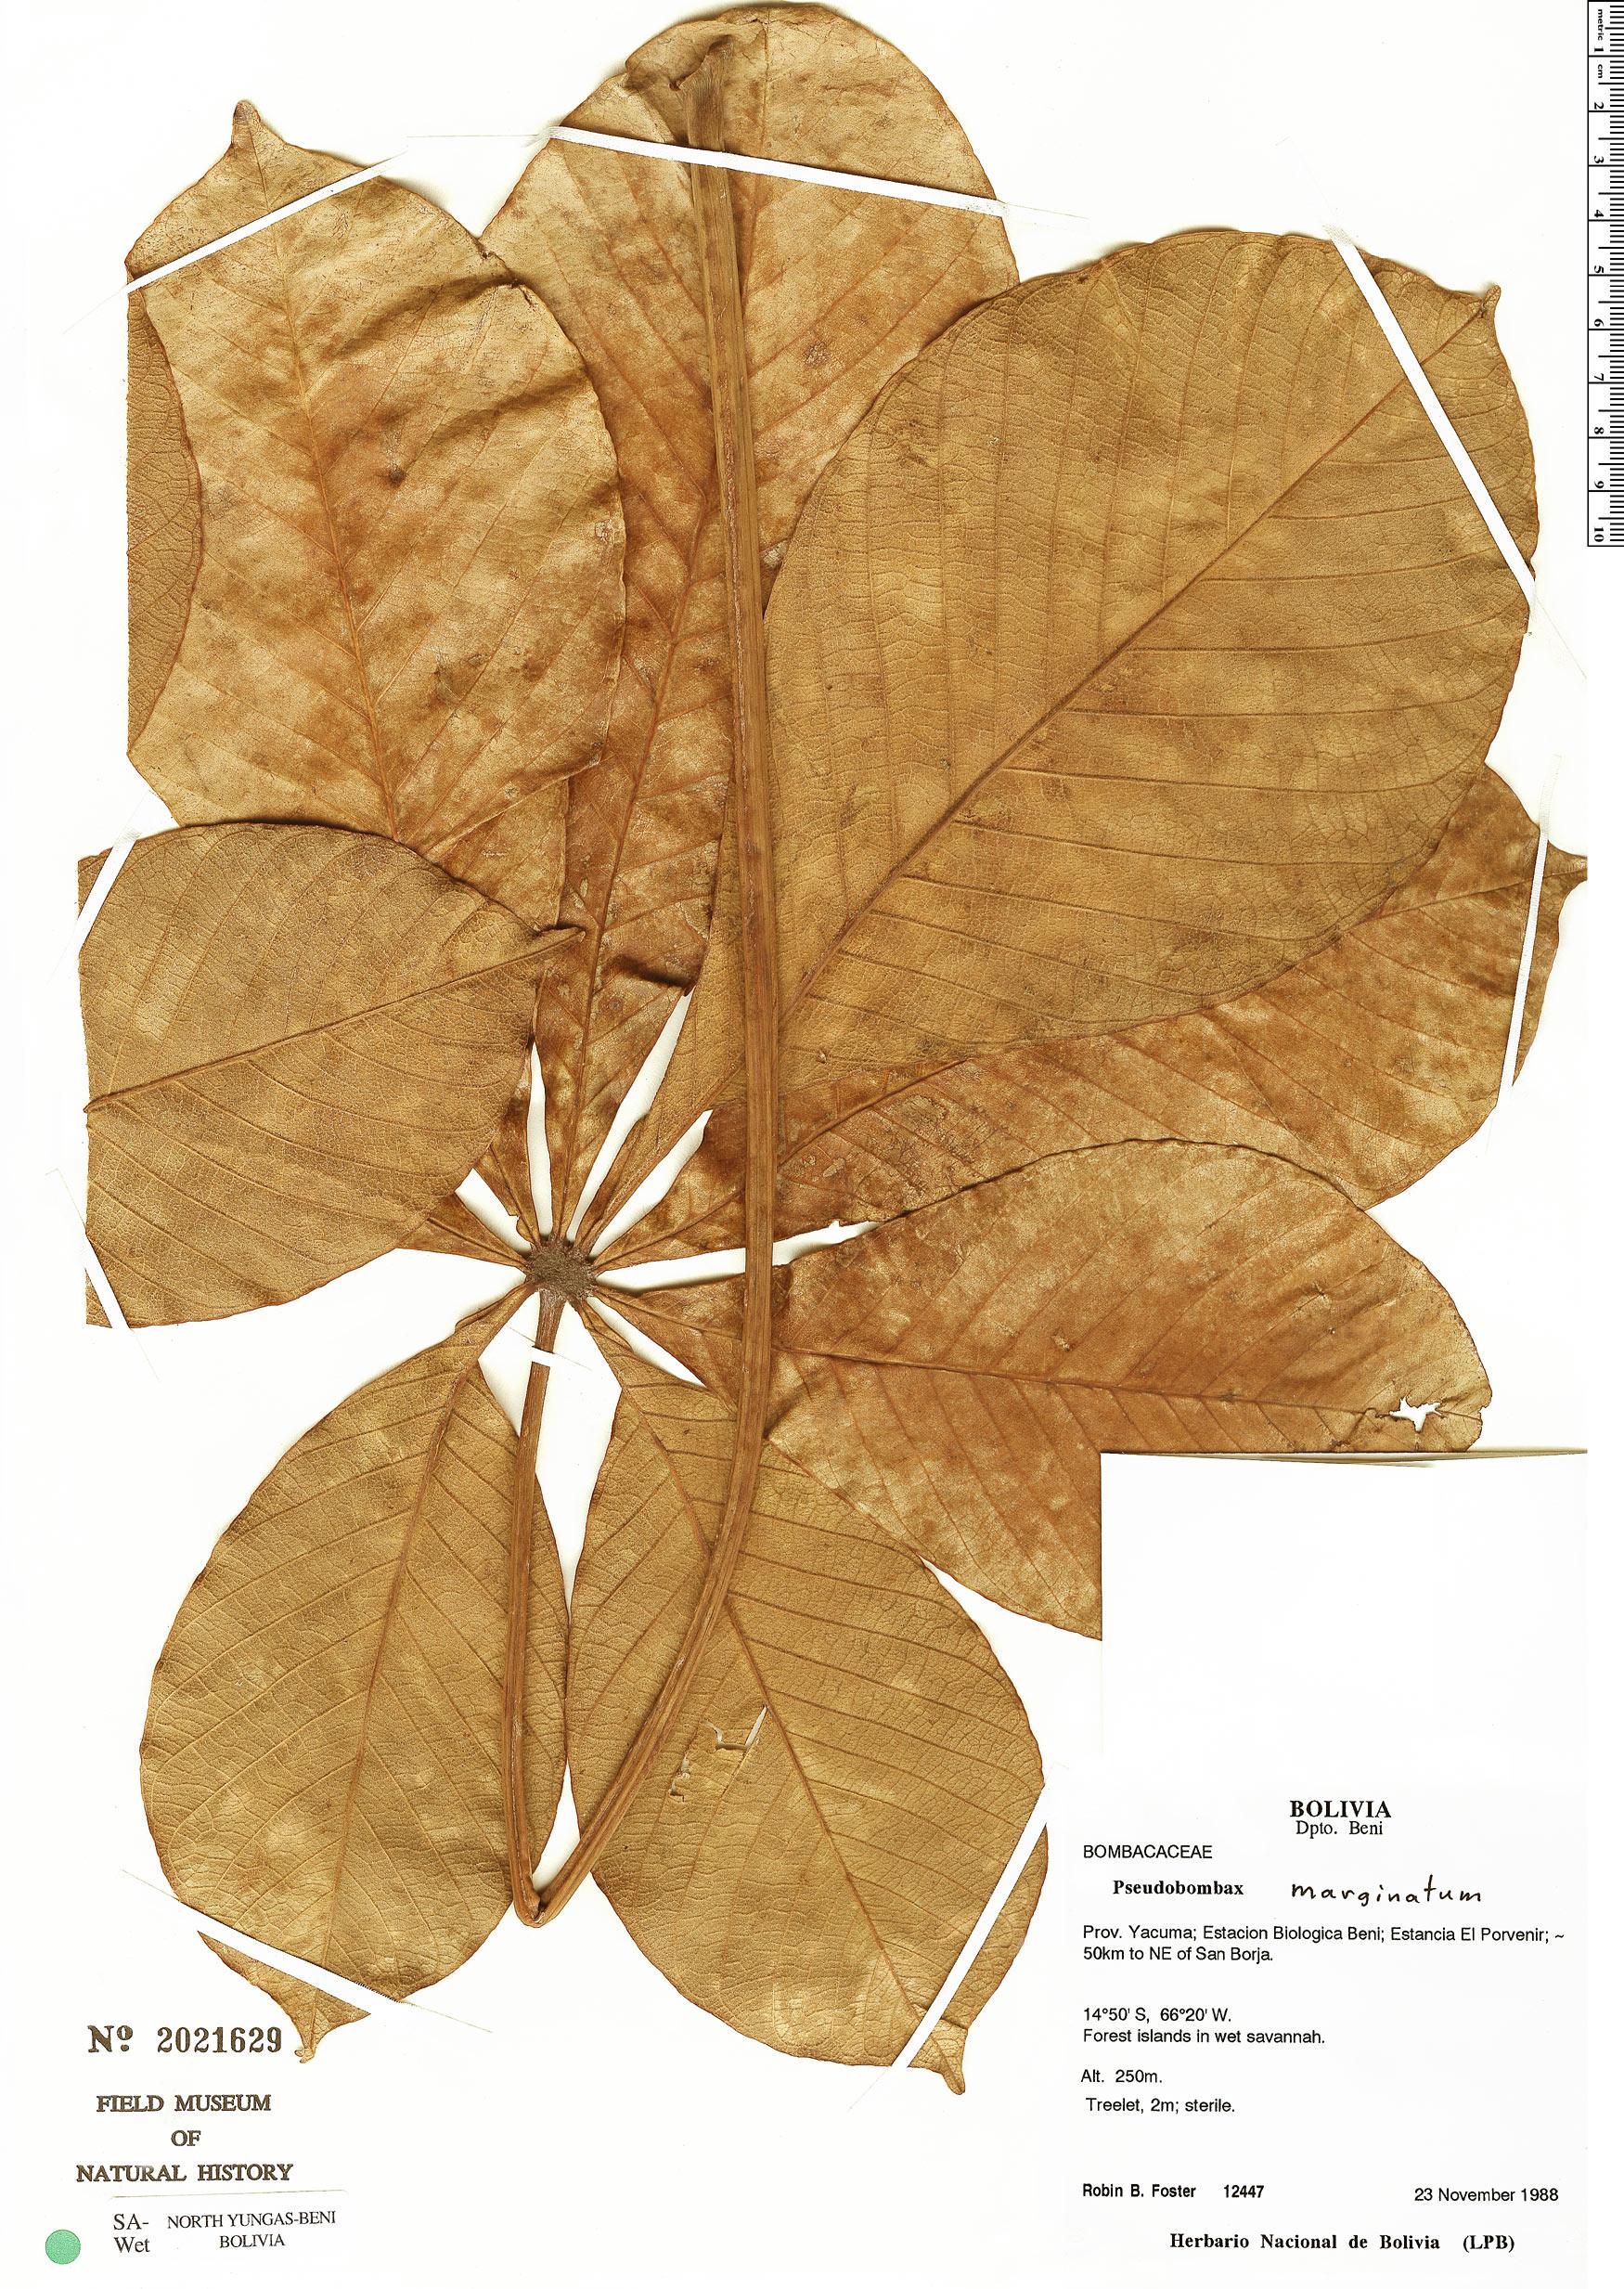 Specimen: Pseudobombax marginatum